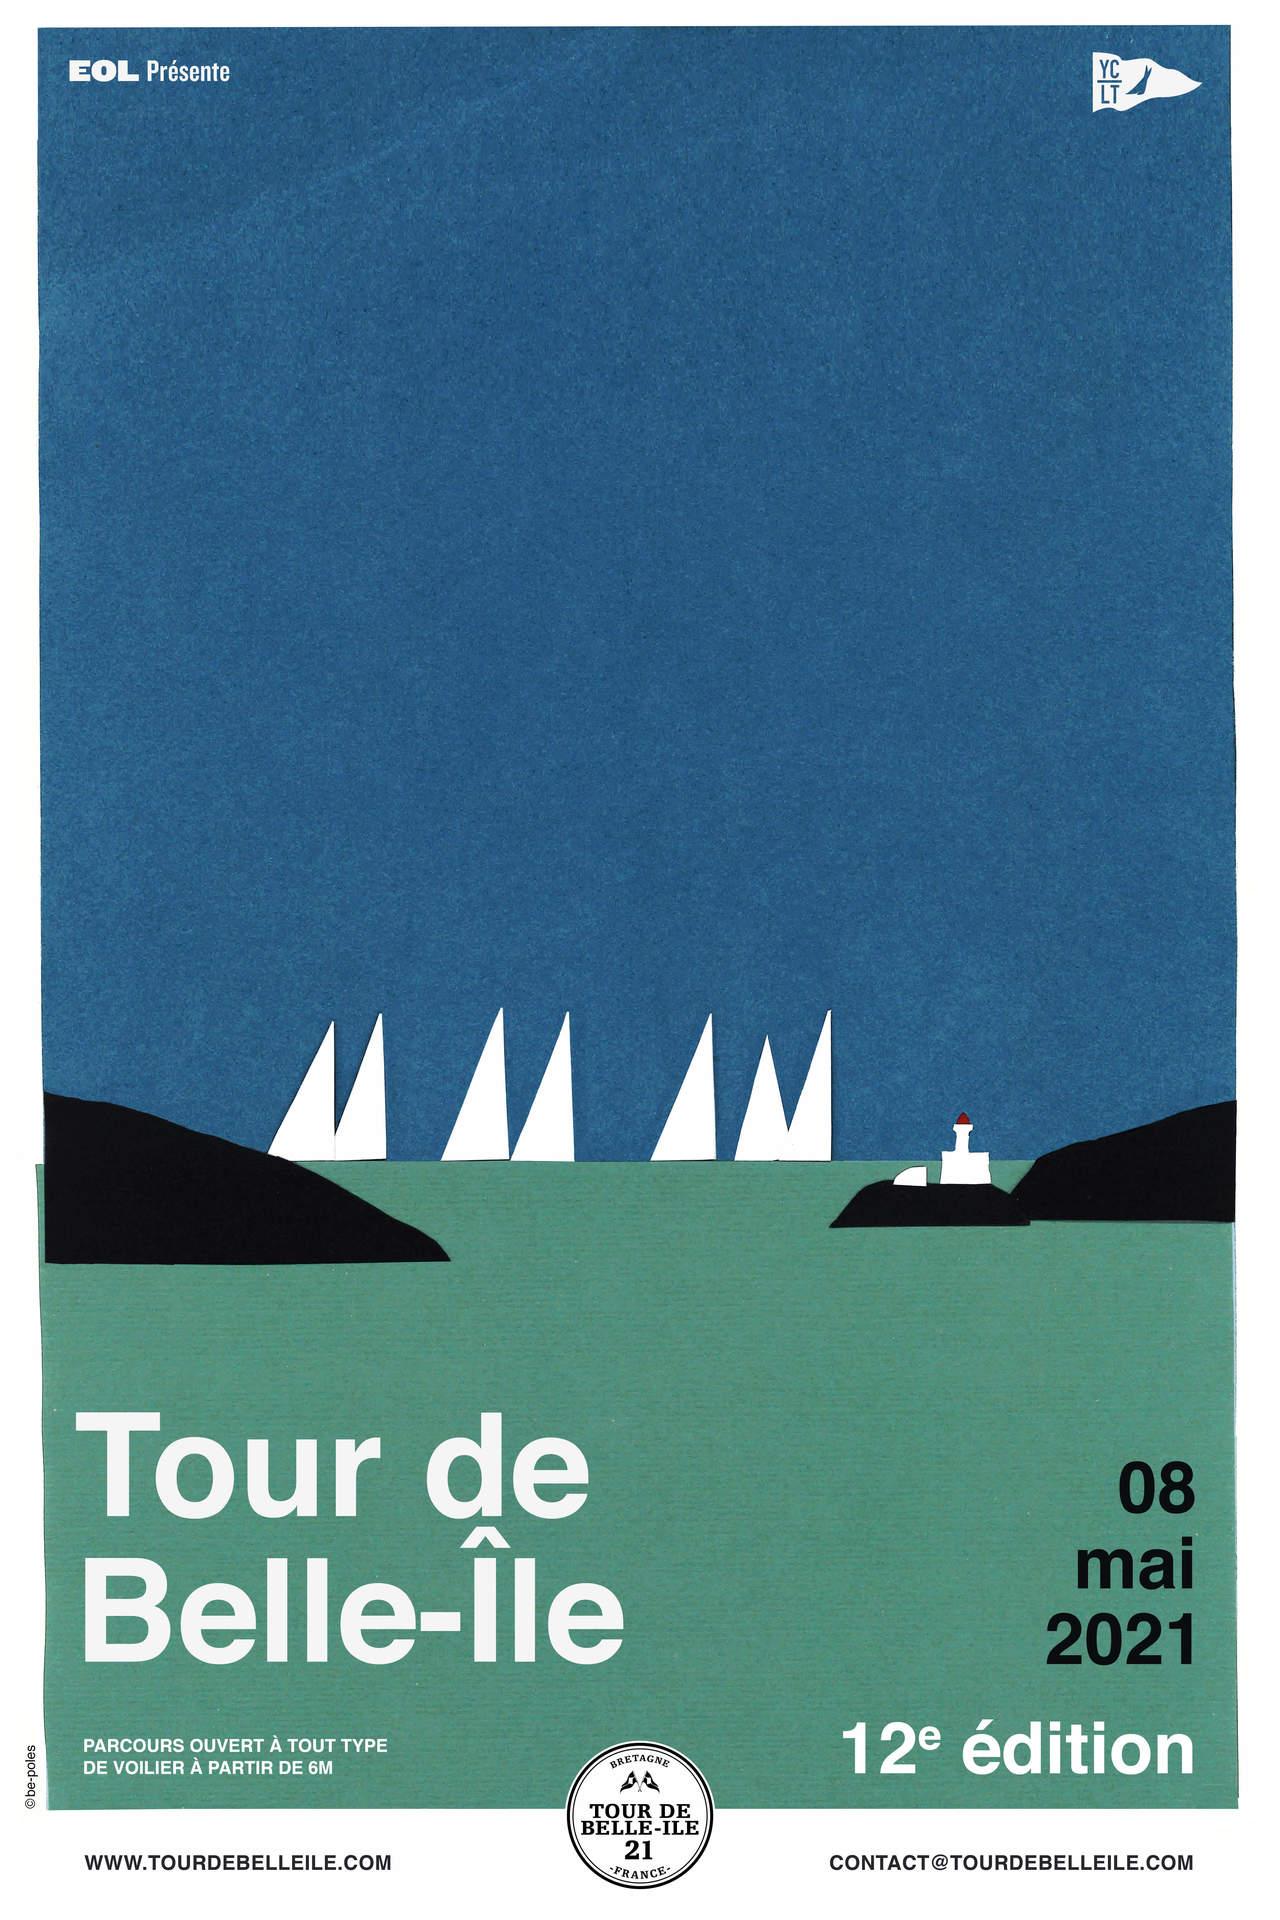 Affiche du TOUR DE BELLE-ILE 2021